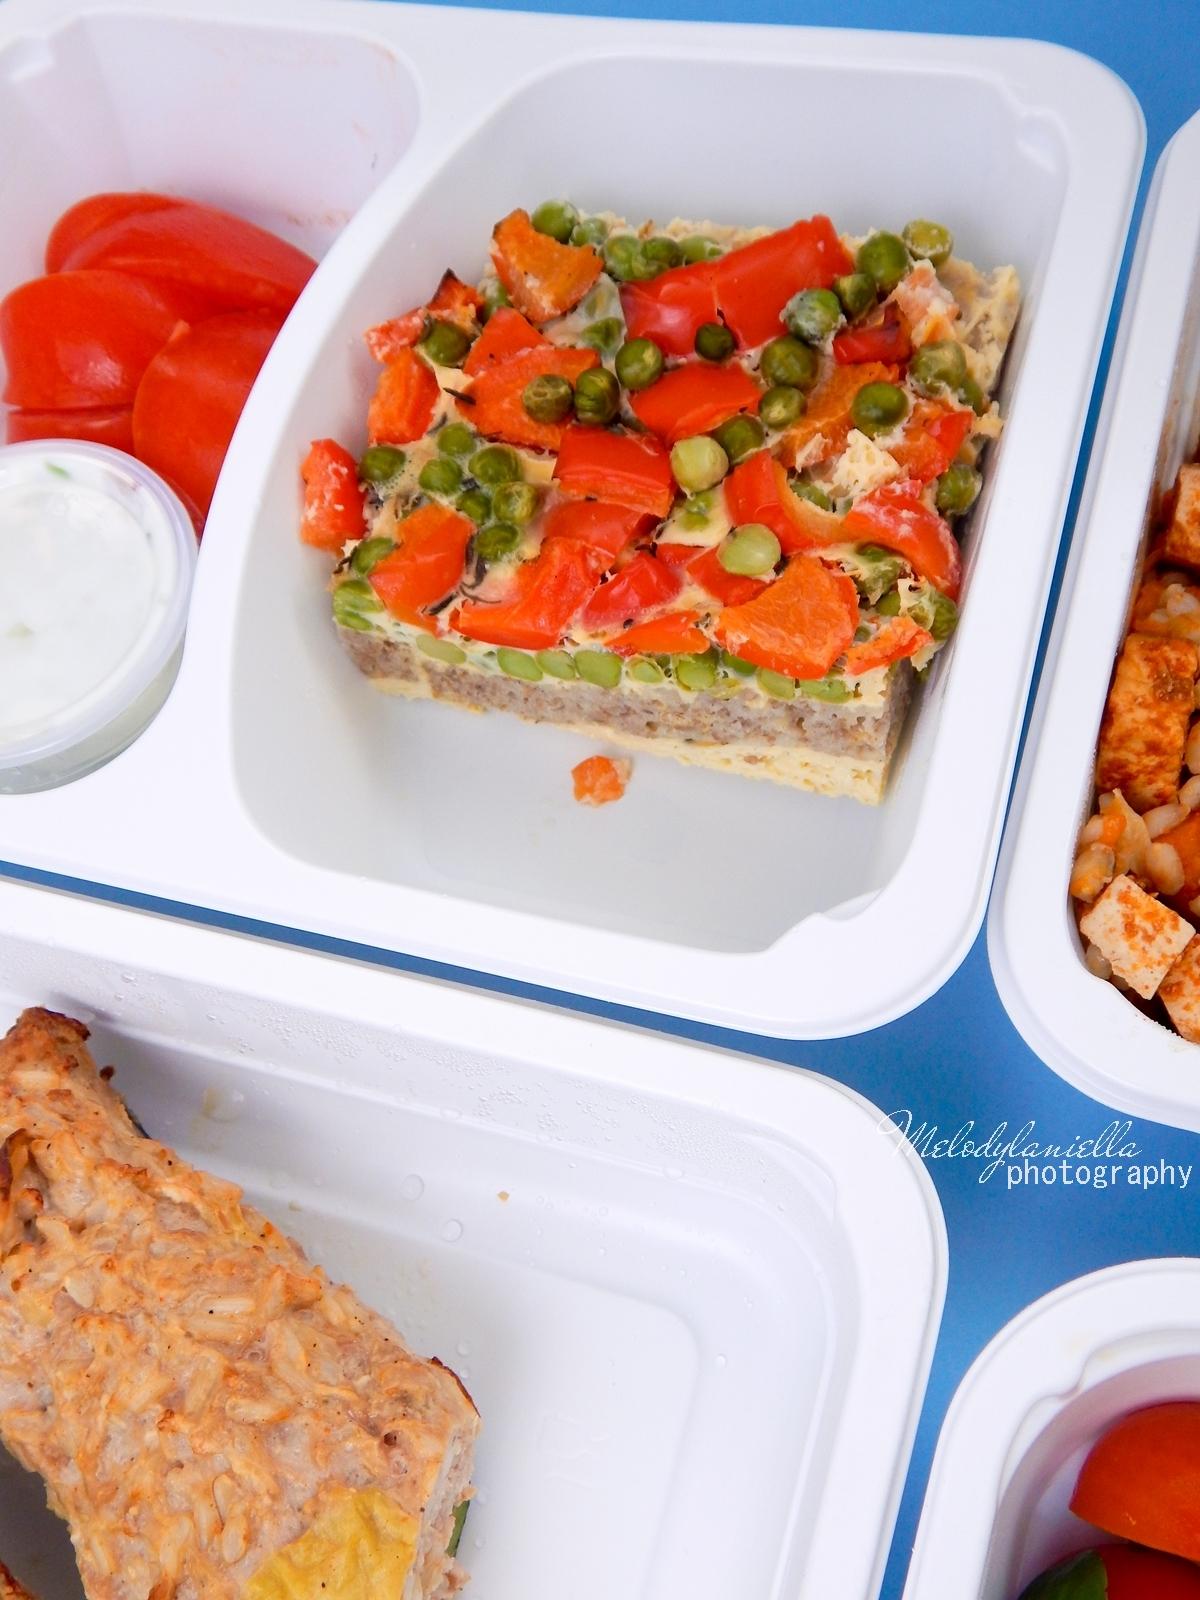 019 cateromarket dieta pudełkowa catering dietetyczny dieta jak przejść na dietę catering z dowozem do domu dieta kalorie melodylaniella dieta na cały dzień jedzenie na cały dzień catering do domu